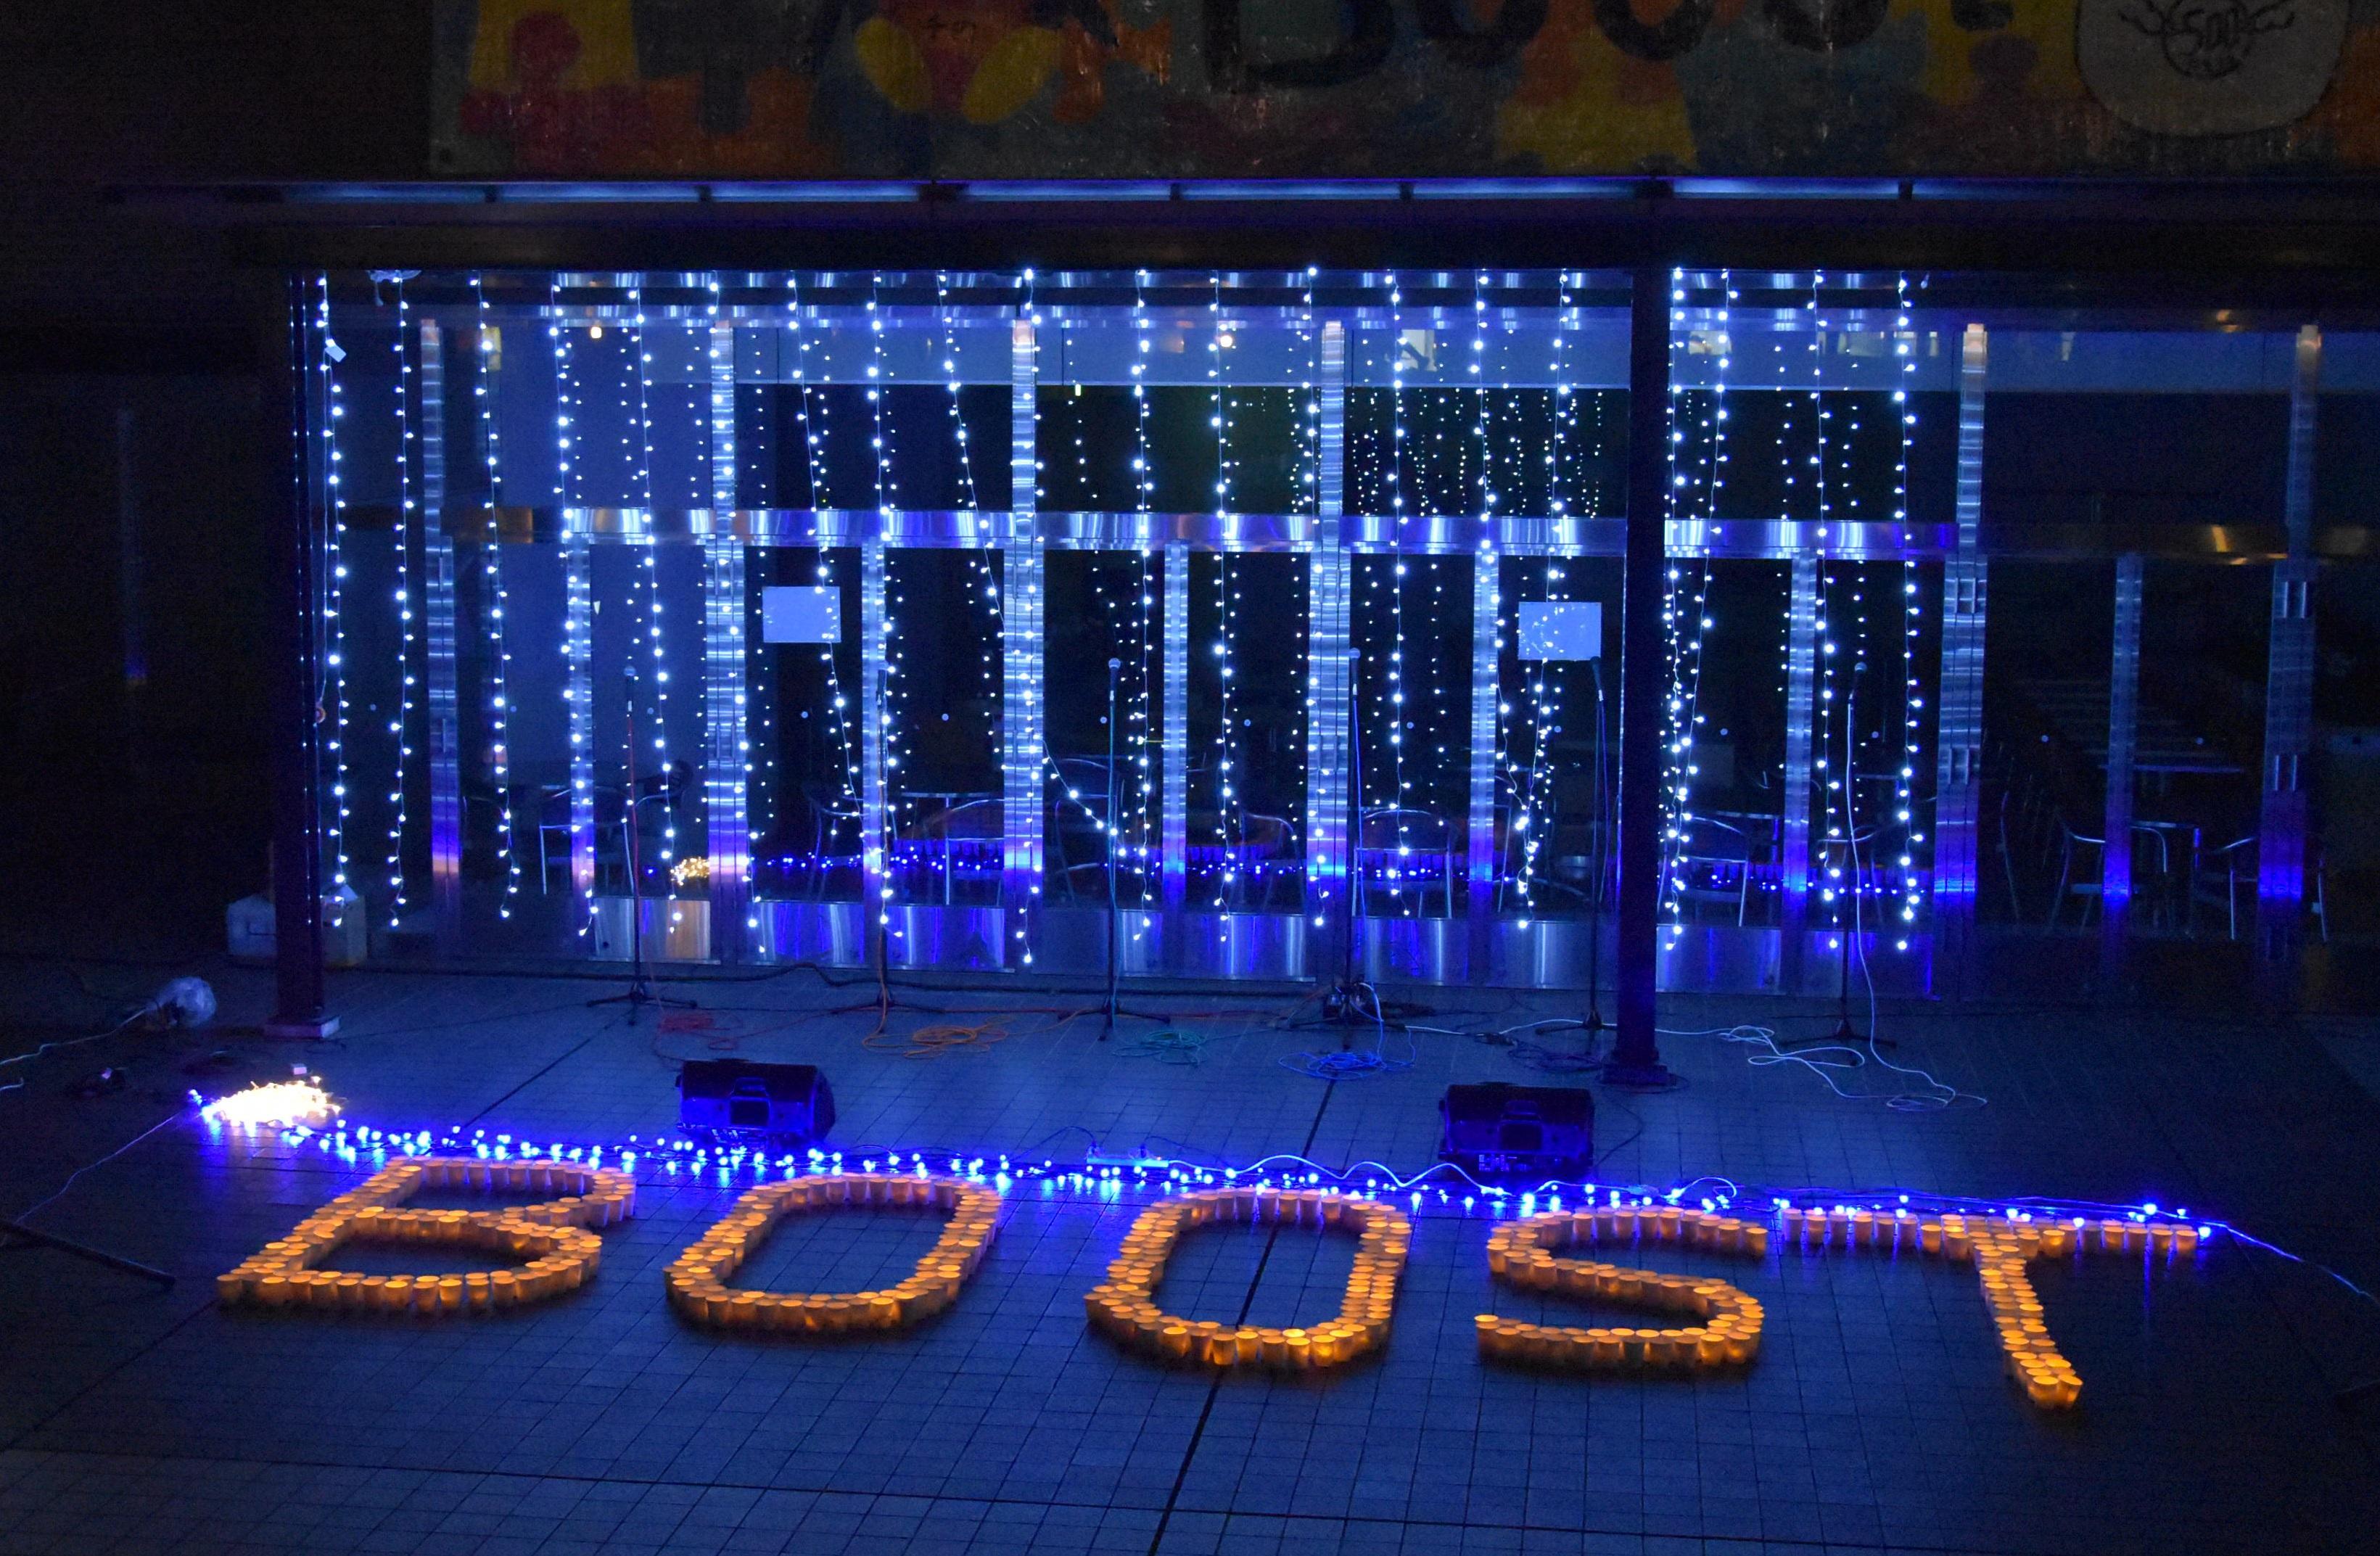 ろうそく型LEDライトで描かれた「BOOST」の文字